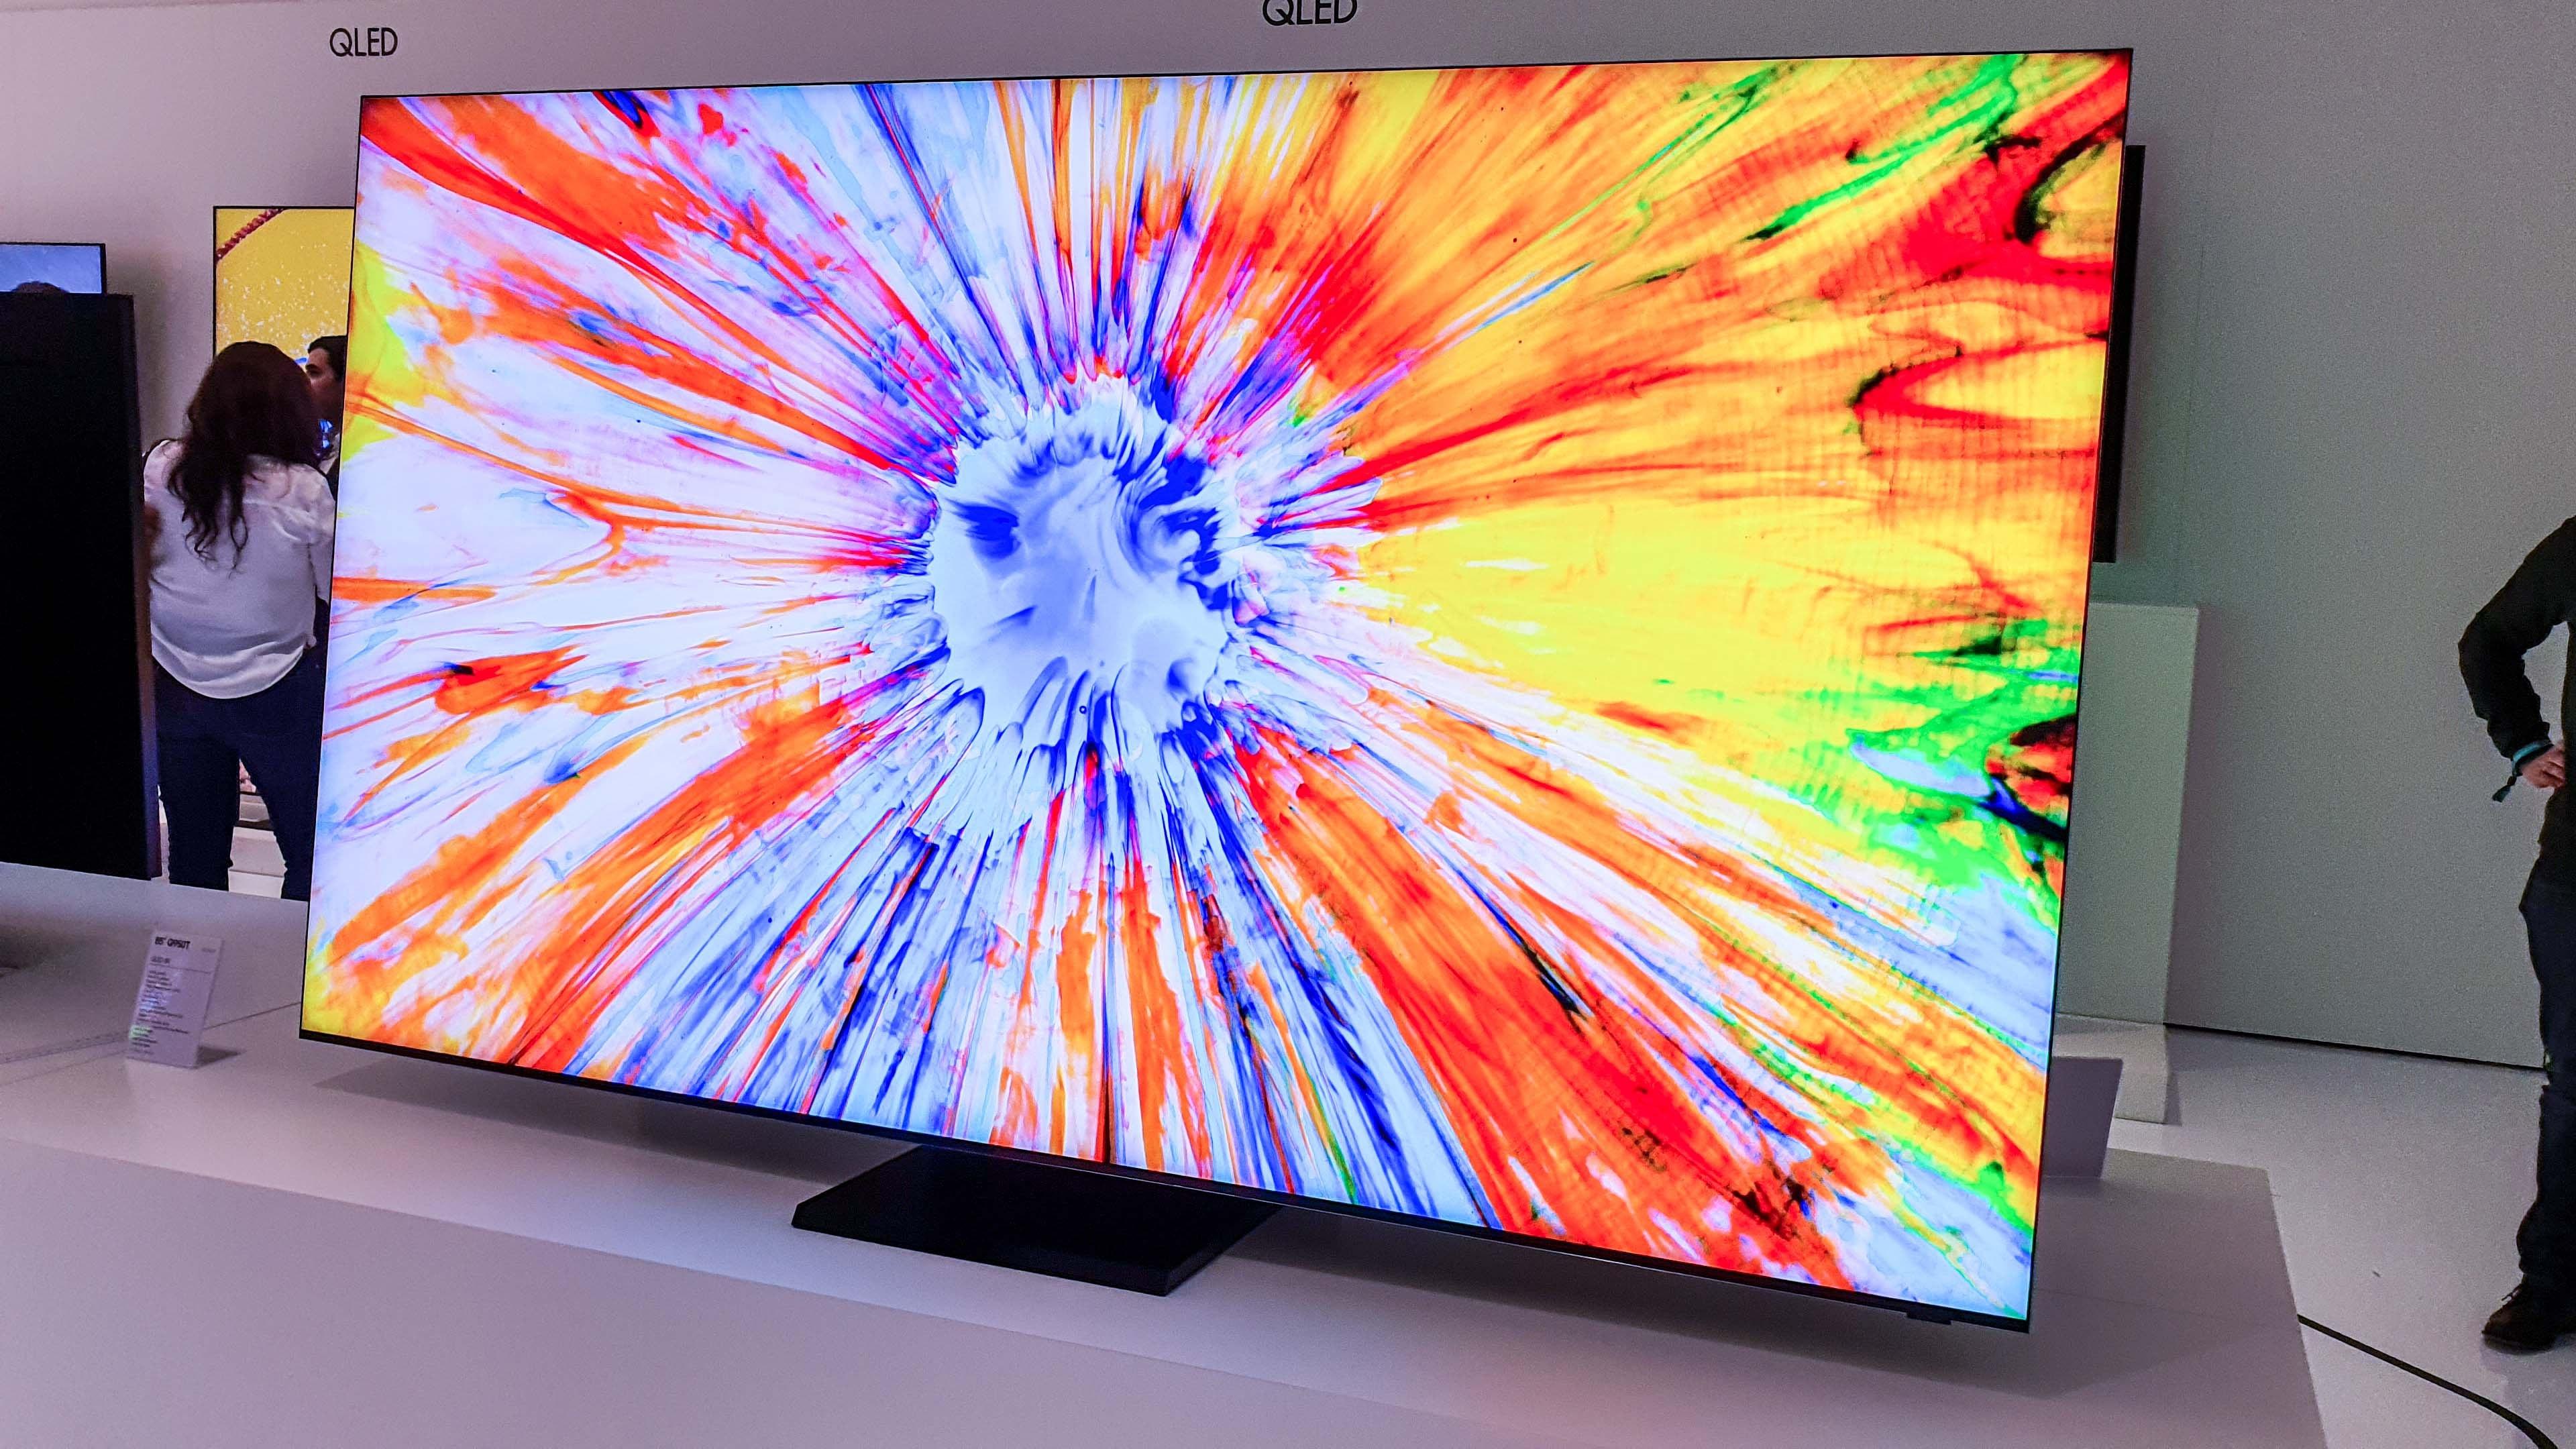 Les 3 actualités de la semaine : Android 11, « traçage du mobile » et les TV 8K de Samsung